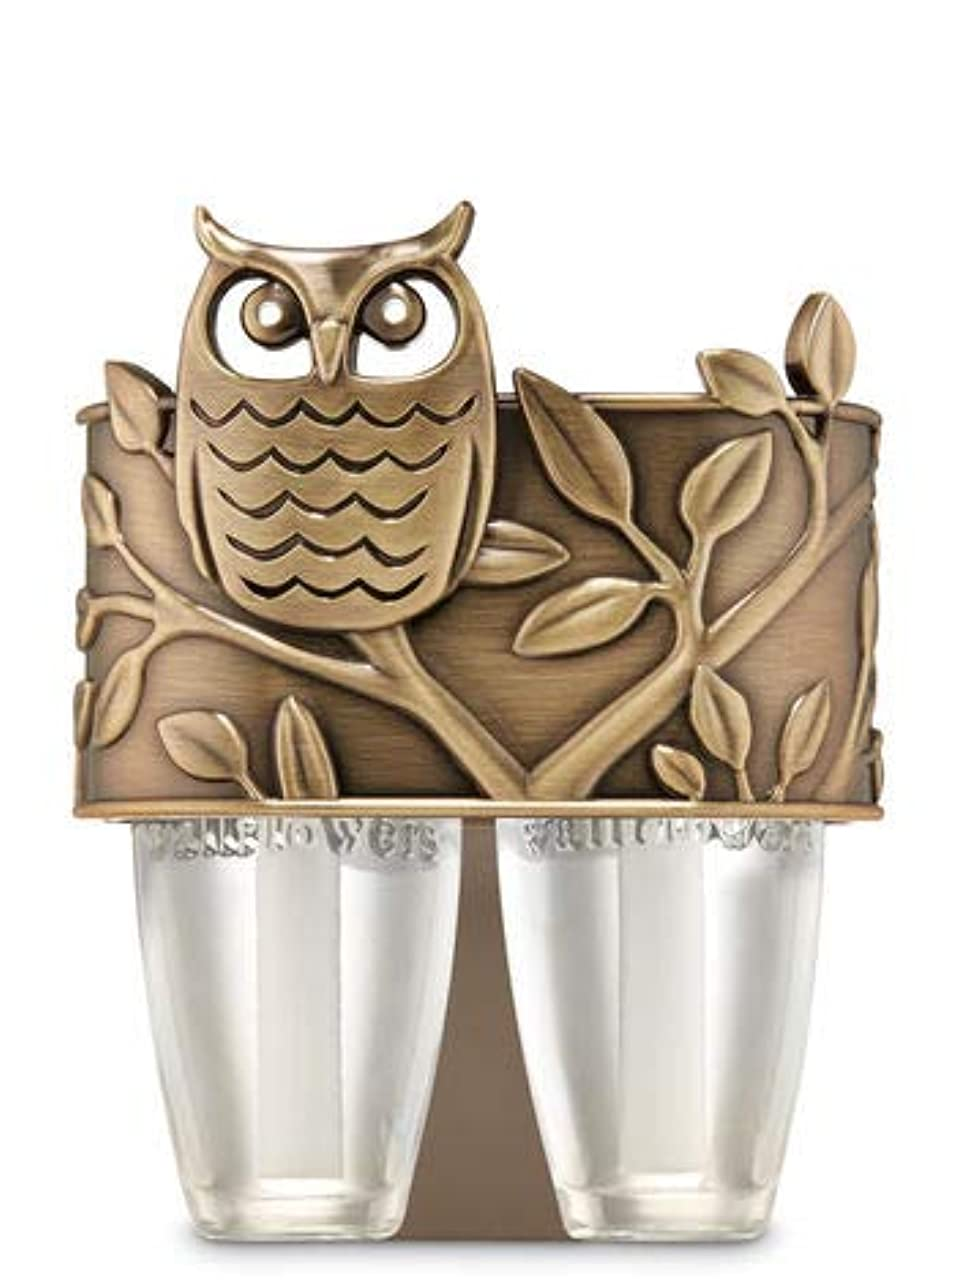 賞賛混乱させる迷信【Bath&Body Works/バス&ボディワークス】 ルームフレグランス プラグインスターター デュオプラグ (本体のみ) オウル フクロウ Scent Switching Wallflowers Duo Plug Owl [並行輸入品]